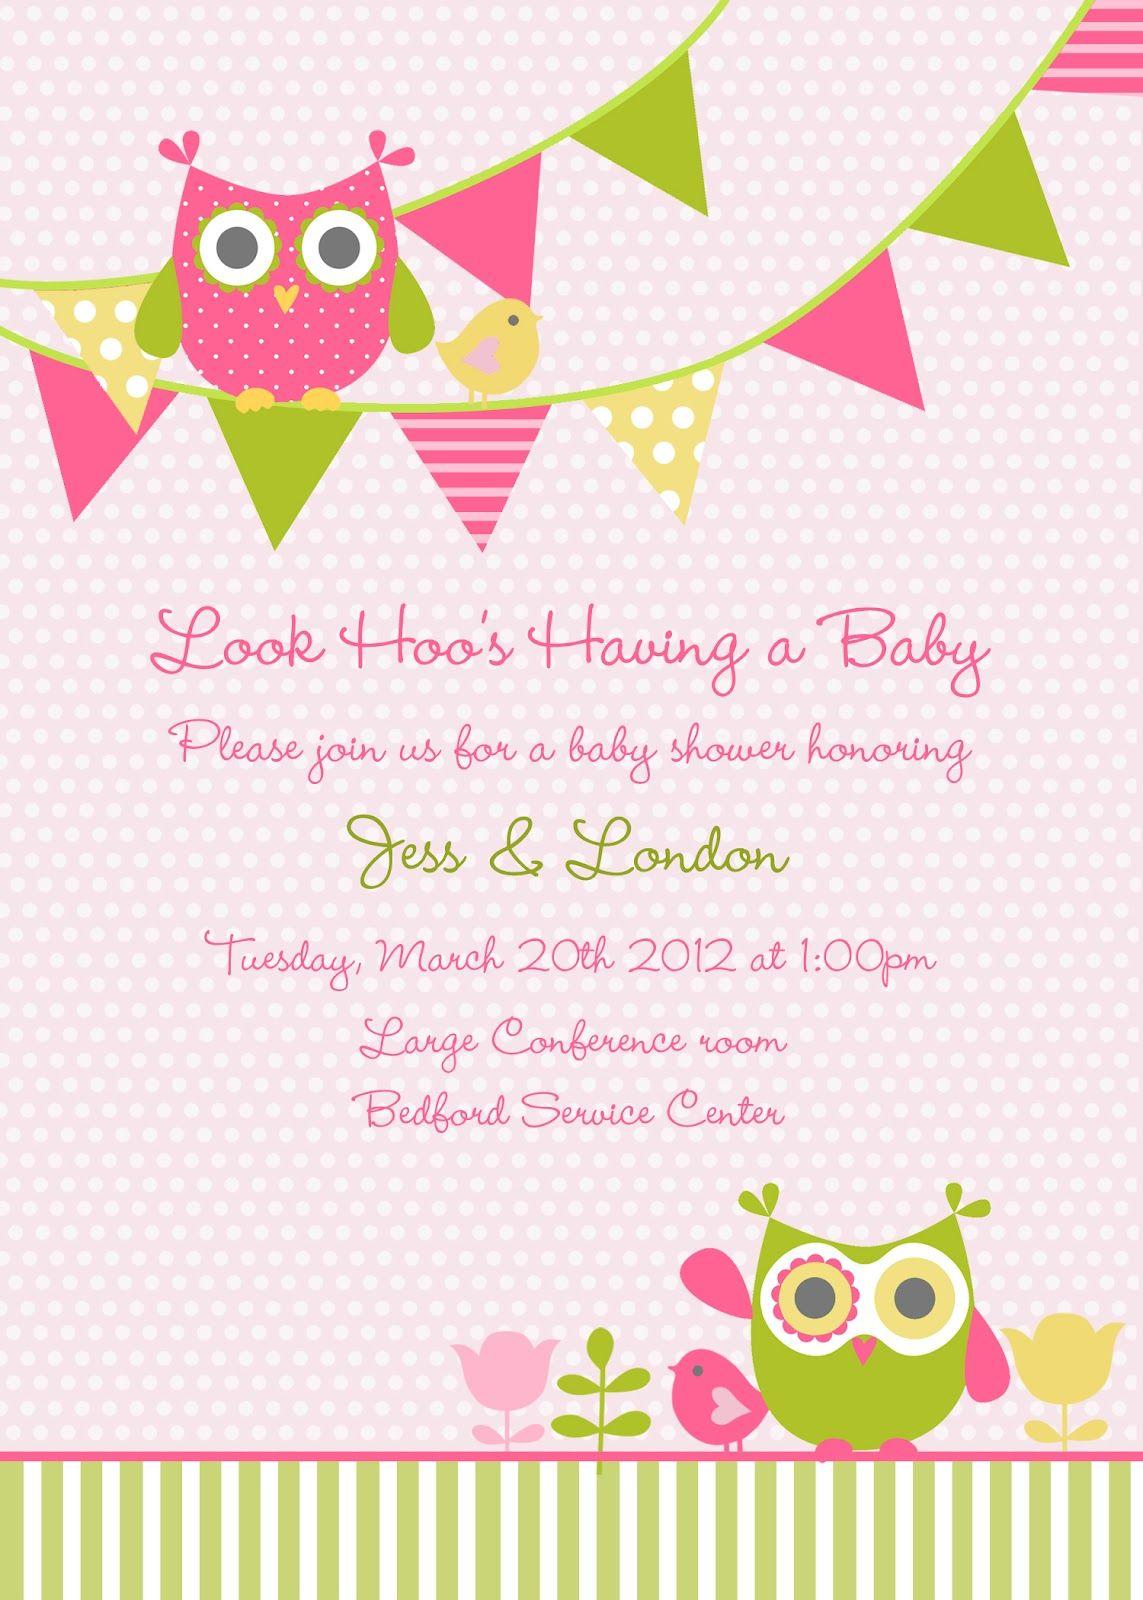 Celebrate!: Potluck Dessert Baby Shower   Owl themed Baby Shower ...